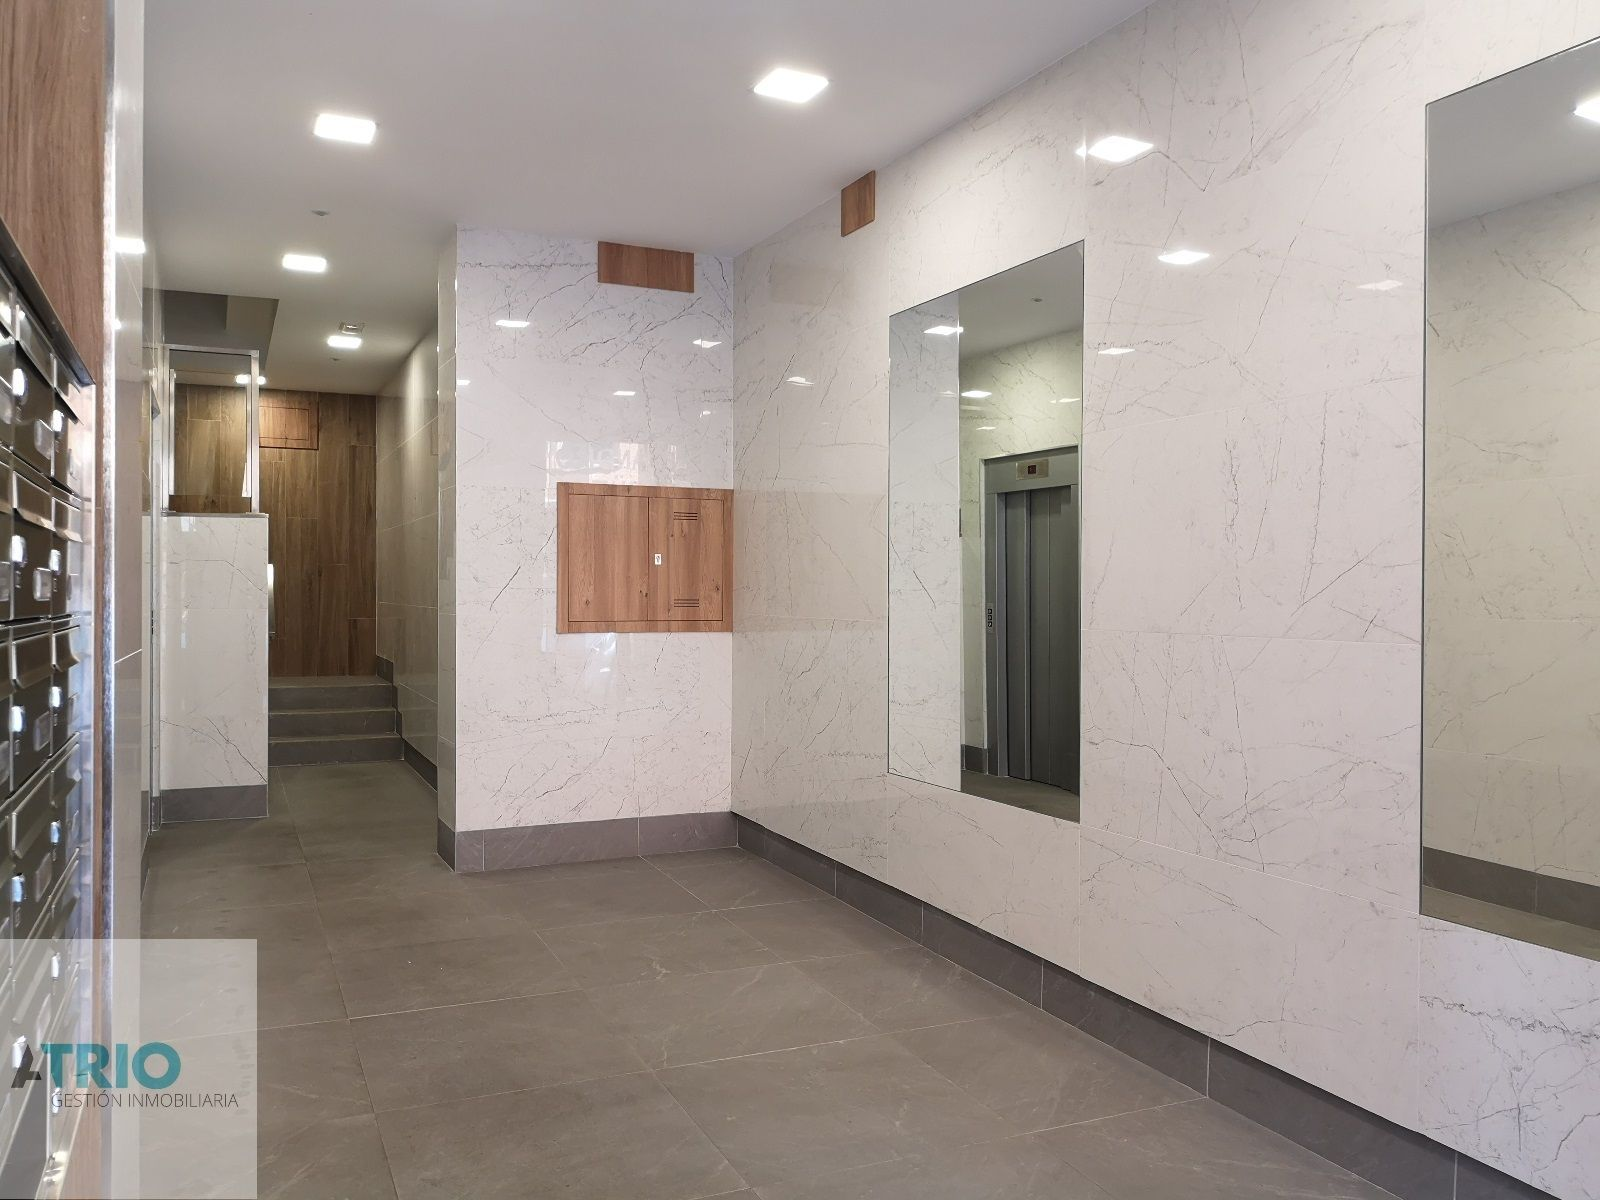 dia.mobiliagestion.es/Portals/inmoatrio/Images/7860/7497801